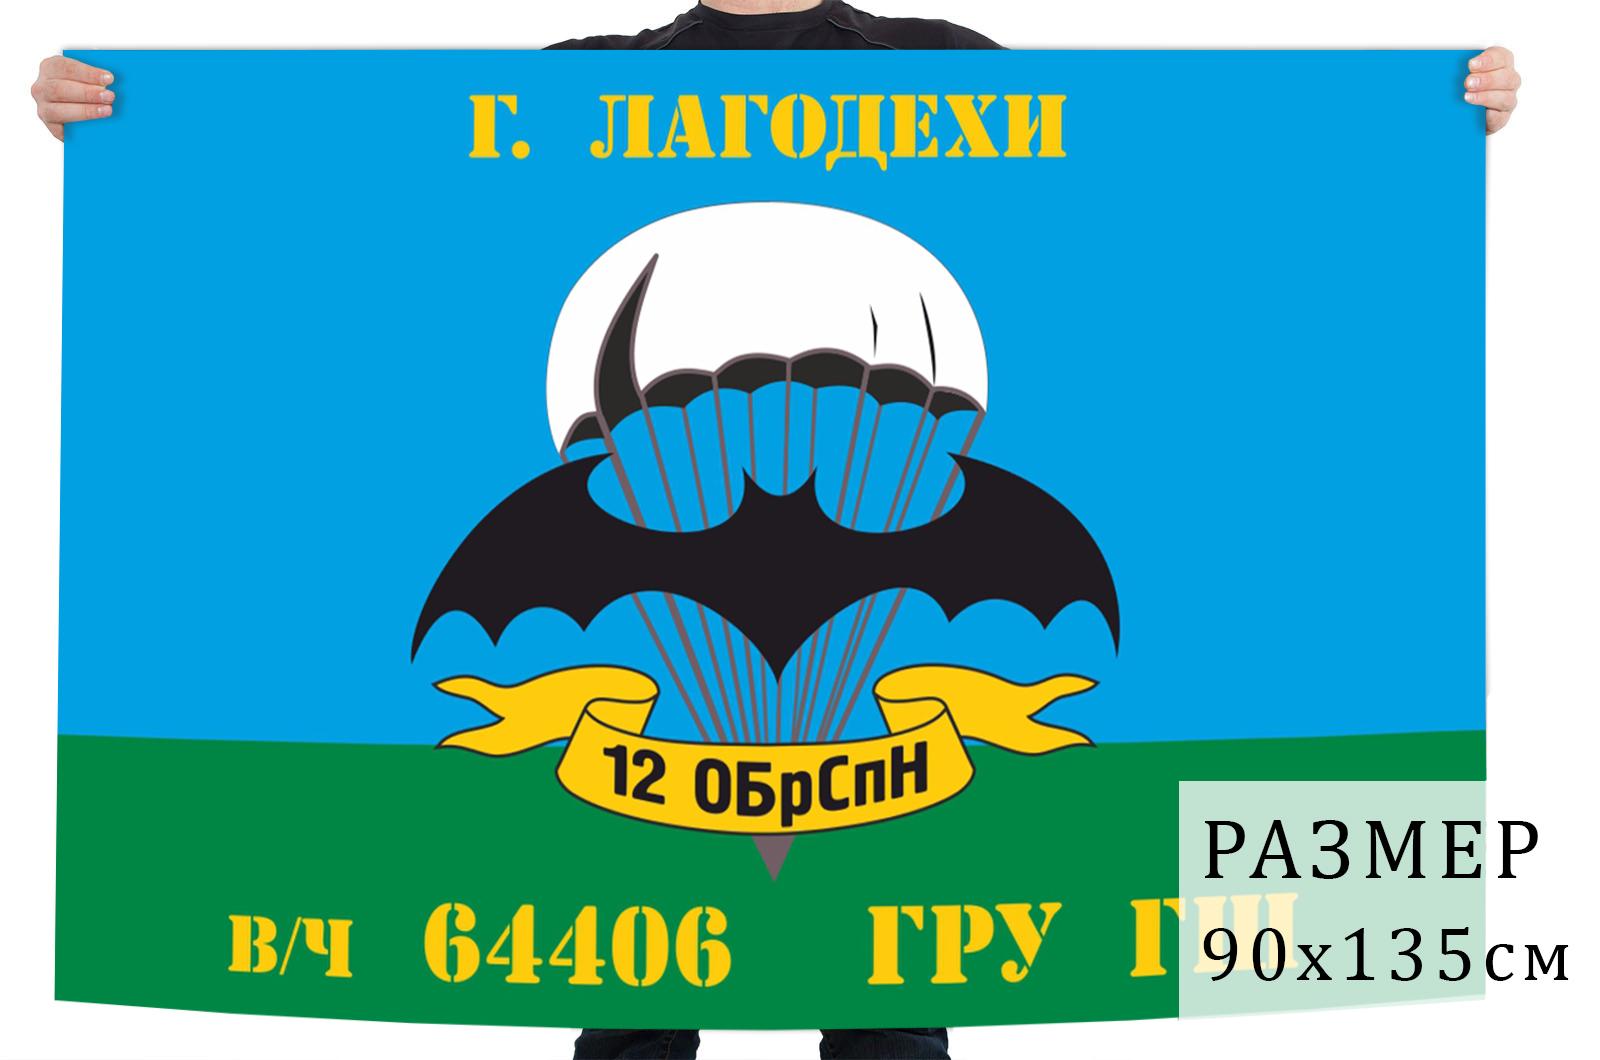 Флаг 12 отдельной бригады специального назначения ГРУ ГШ